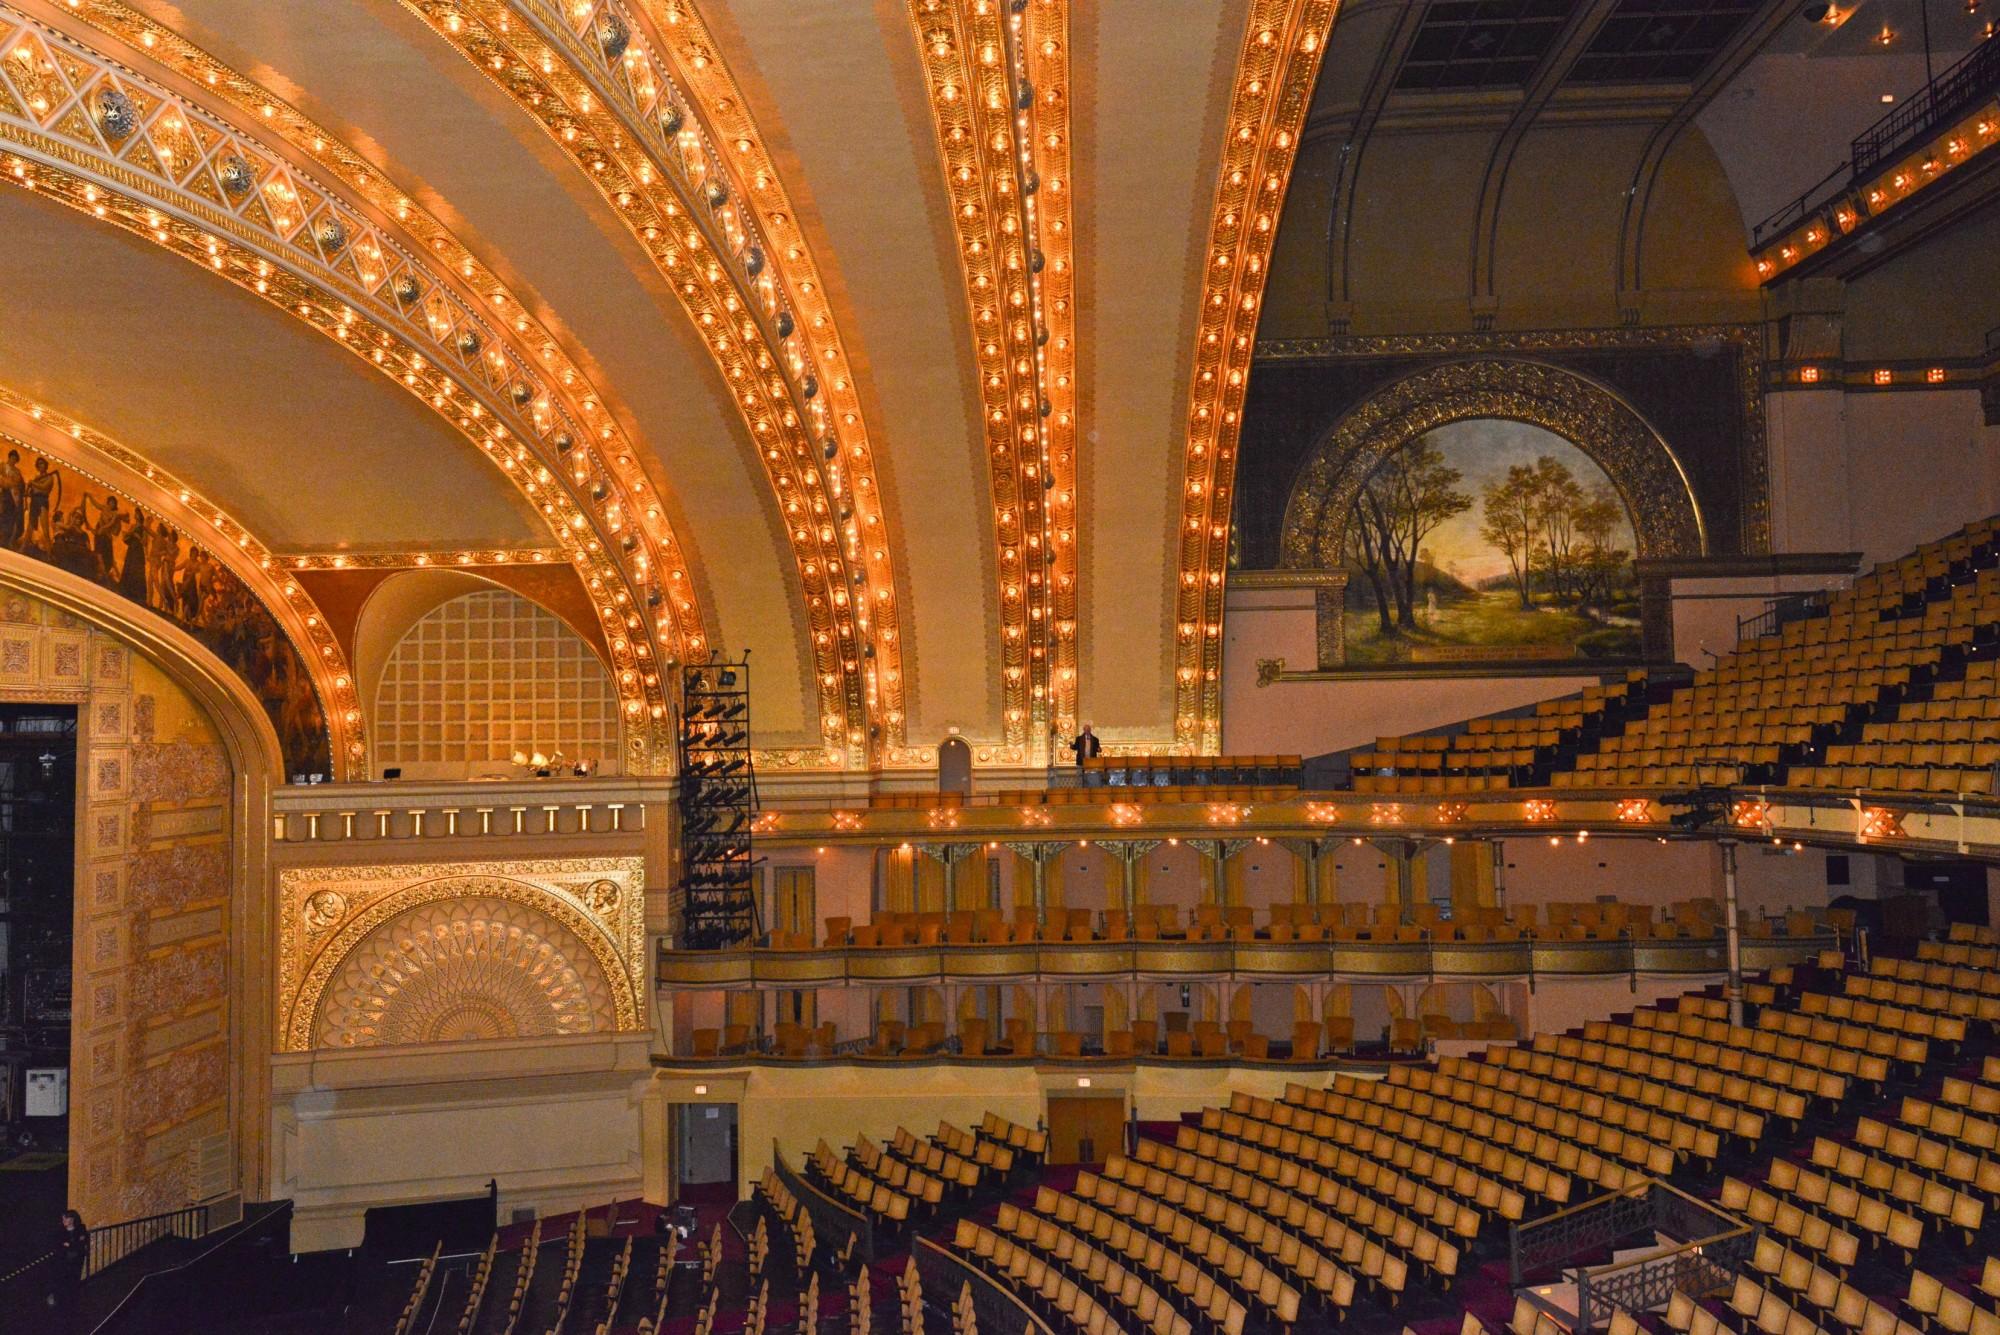 Auditorium Building 183 Buildings Of Chicago 183 Chicago